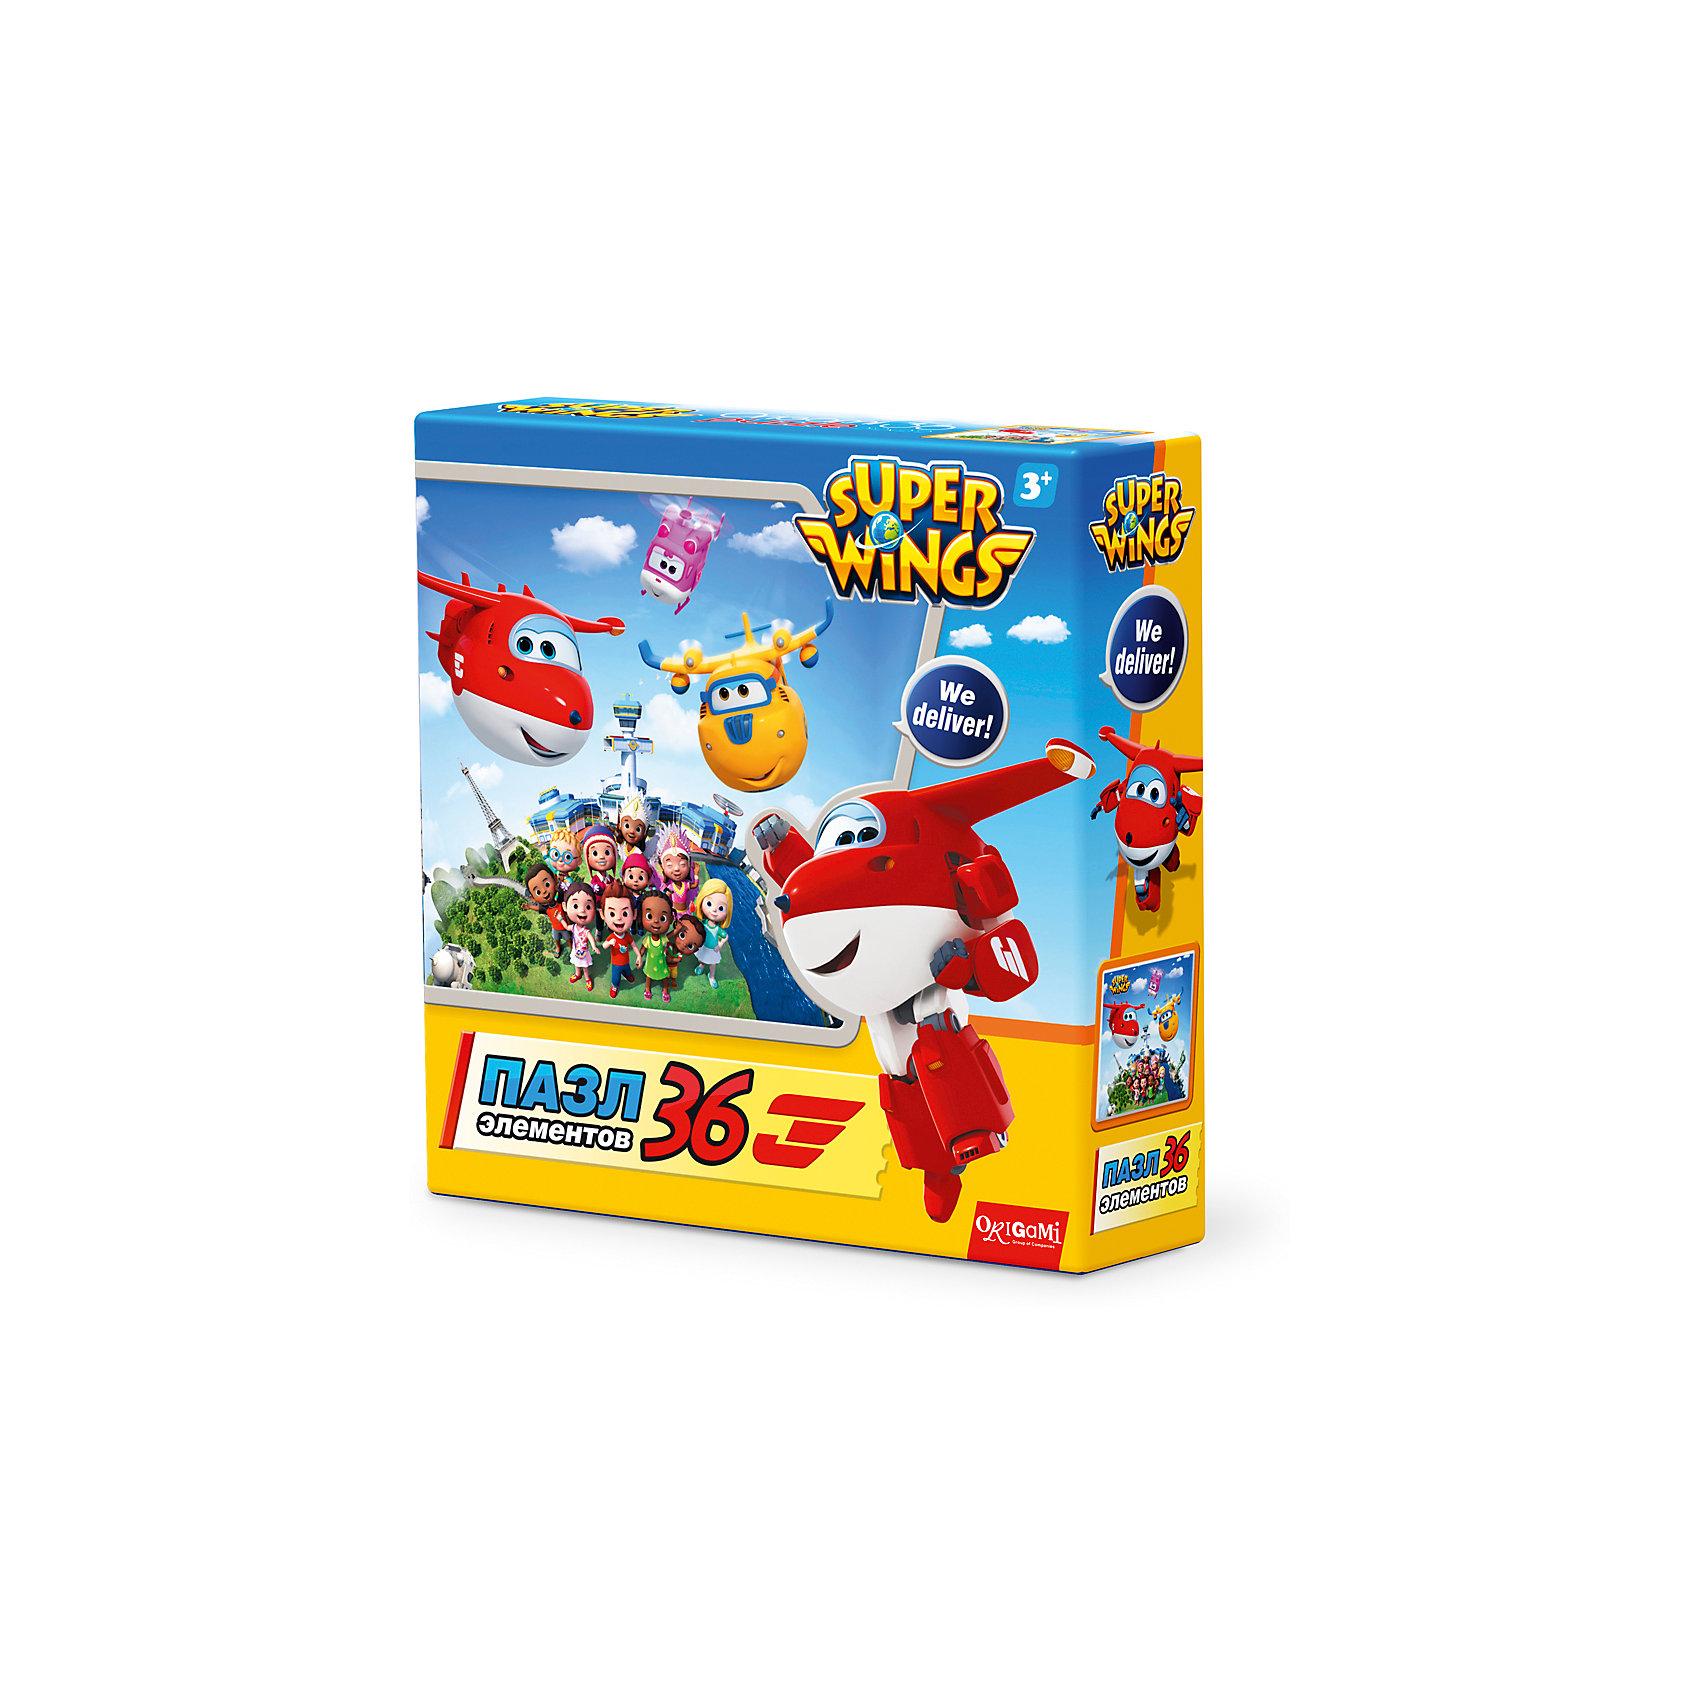 Пазл Целый мир, Super Wings, OrigamiПазлы для малышей<br>Пазл Джетт и команда, Super Wings, Origami<br><br>Характеристики:<br><br>• Количество деталей: 36 шт.<br>• Размер упаковки: 15 * 4,5 * 15 см.<br>• Размер готовой картинки: 21 * 21 см.<br>• Состав: картон<br>• Вес: 100 г.<br>• Для детей в возрасте: от 3 до 6 лет<br>• Страна производитель: Россия<br><br>Лицензионный пазл с оригинальным дизайном соответствует высоким стандартам, которые подтверждены сертификатами качества. Пазл отлично собирается, некоторые части картинки повторяются по цвету, это сделает сборку немного сложнее и интереснее. Закончив сборку вы можете склеить кусочки превратив пазл в красивую картину, или можете разобрать его и снова собрать позже.<br><br>Пазл Джетт и команда, Super Wings, Origami можно купить в нашем интернет-магазине.<br><br>Ширина мм: 150<br>Глубина мм: 45<br>Высота мм: 150<br>Вес г: 100<br>Возраст от месяцев: 36<br>Возраст до месяцев: 72<br>Пол: Унисекс<br>Возраст: Детский<br>SKU: 5528433